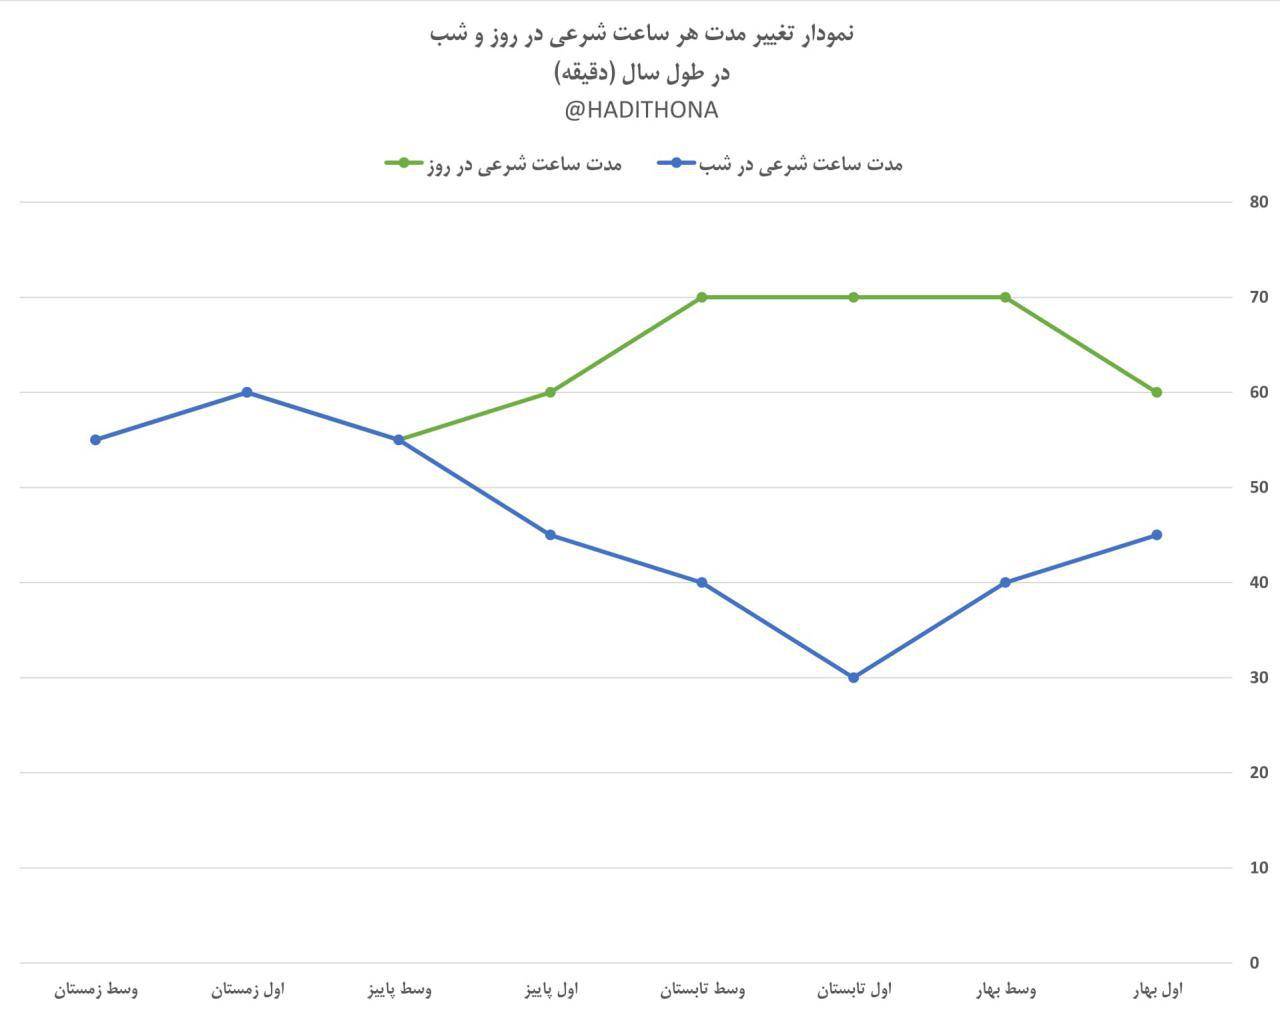 نمودار تغییر مدت هر ساعت شرعی در روز و شب، در طول سال